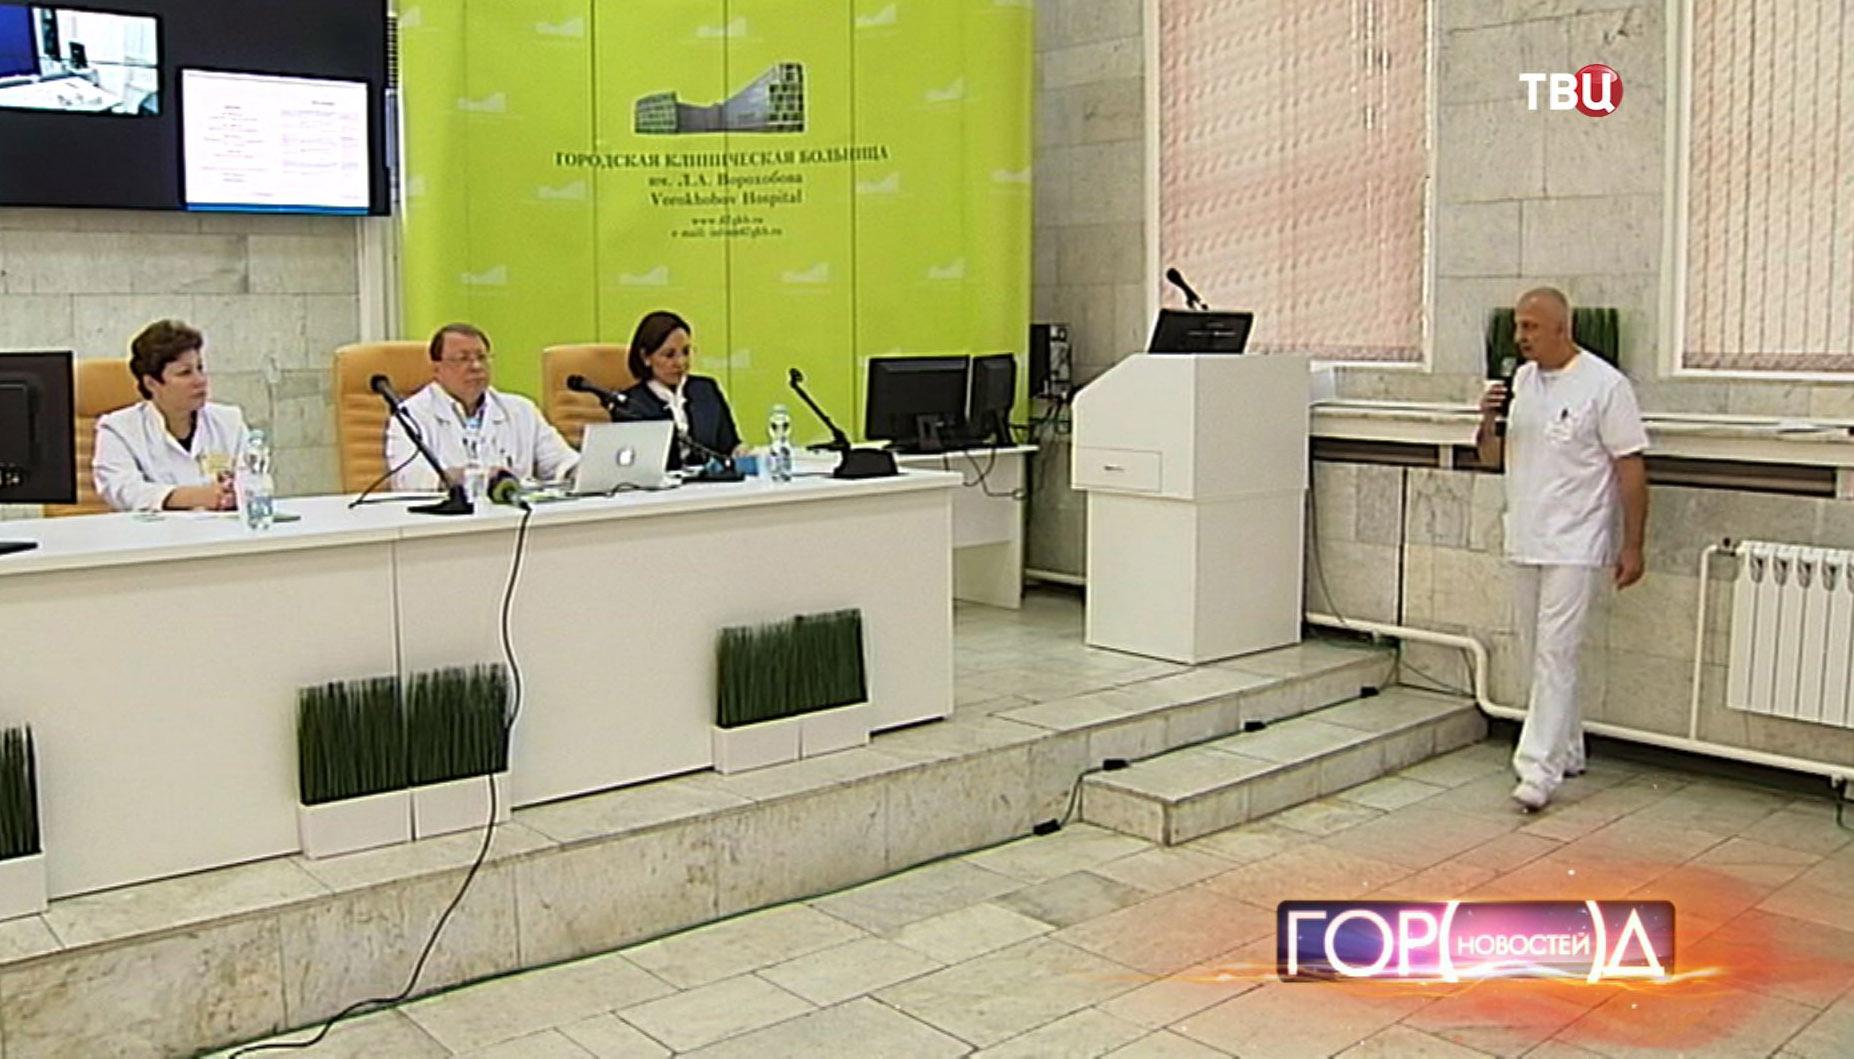 Телемост с участием московских врачей